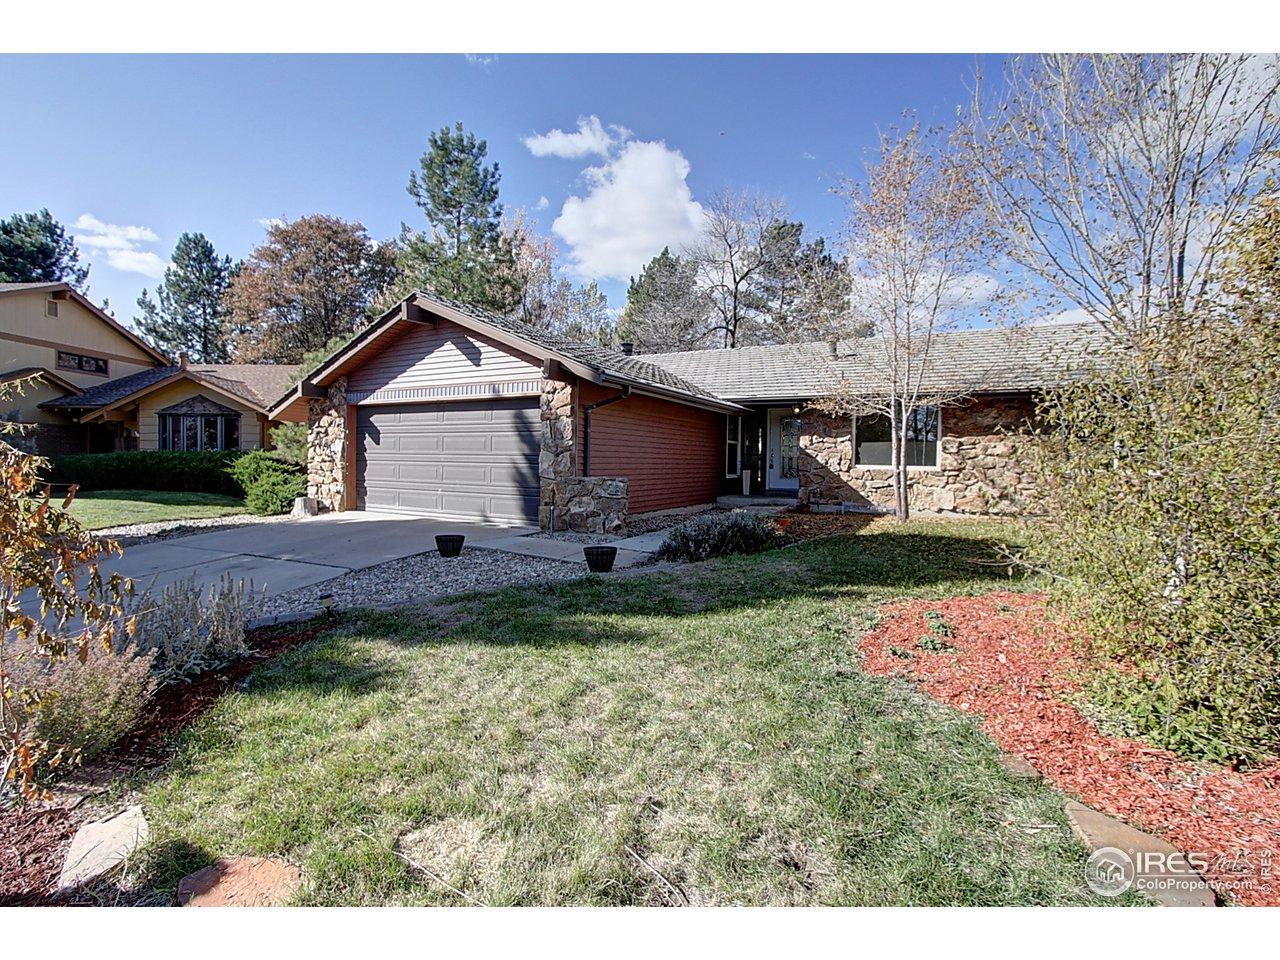 7127 Petursdale Ct, Boulder CO 80301